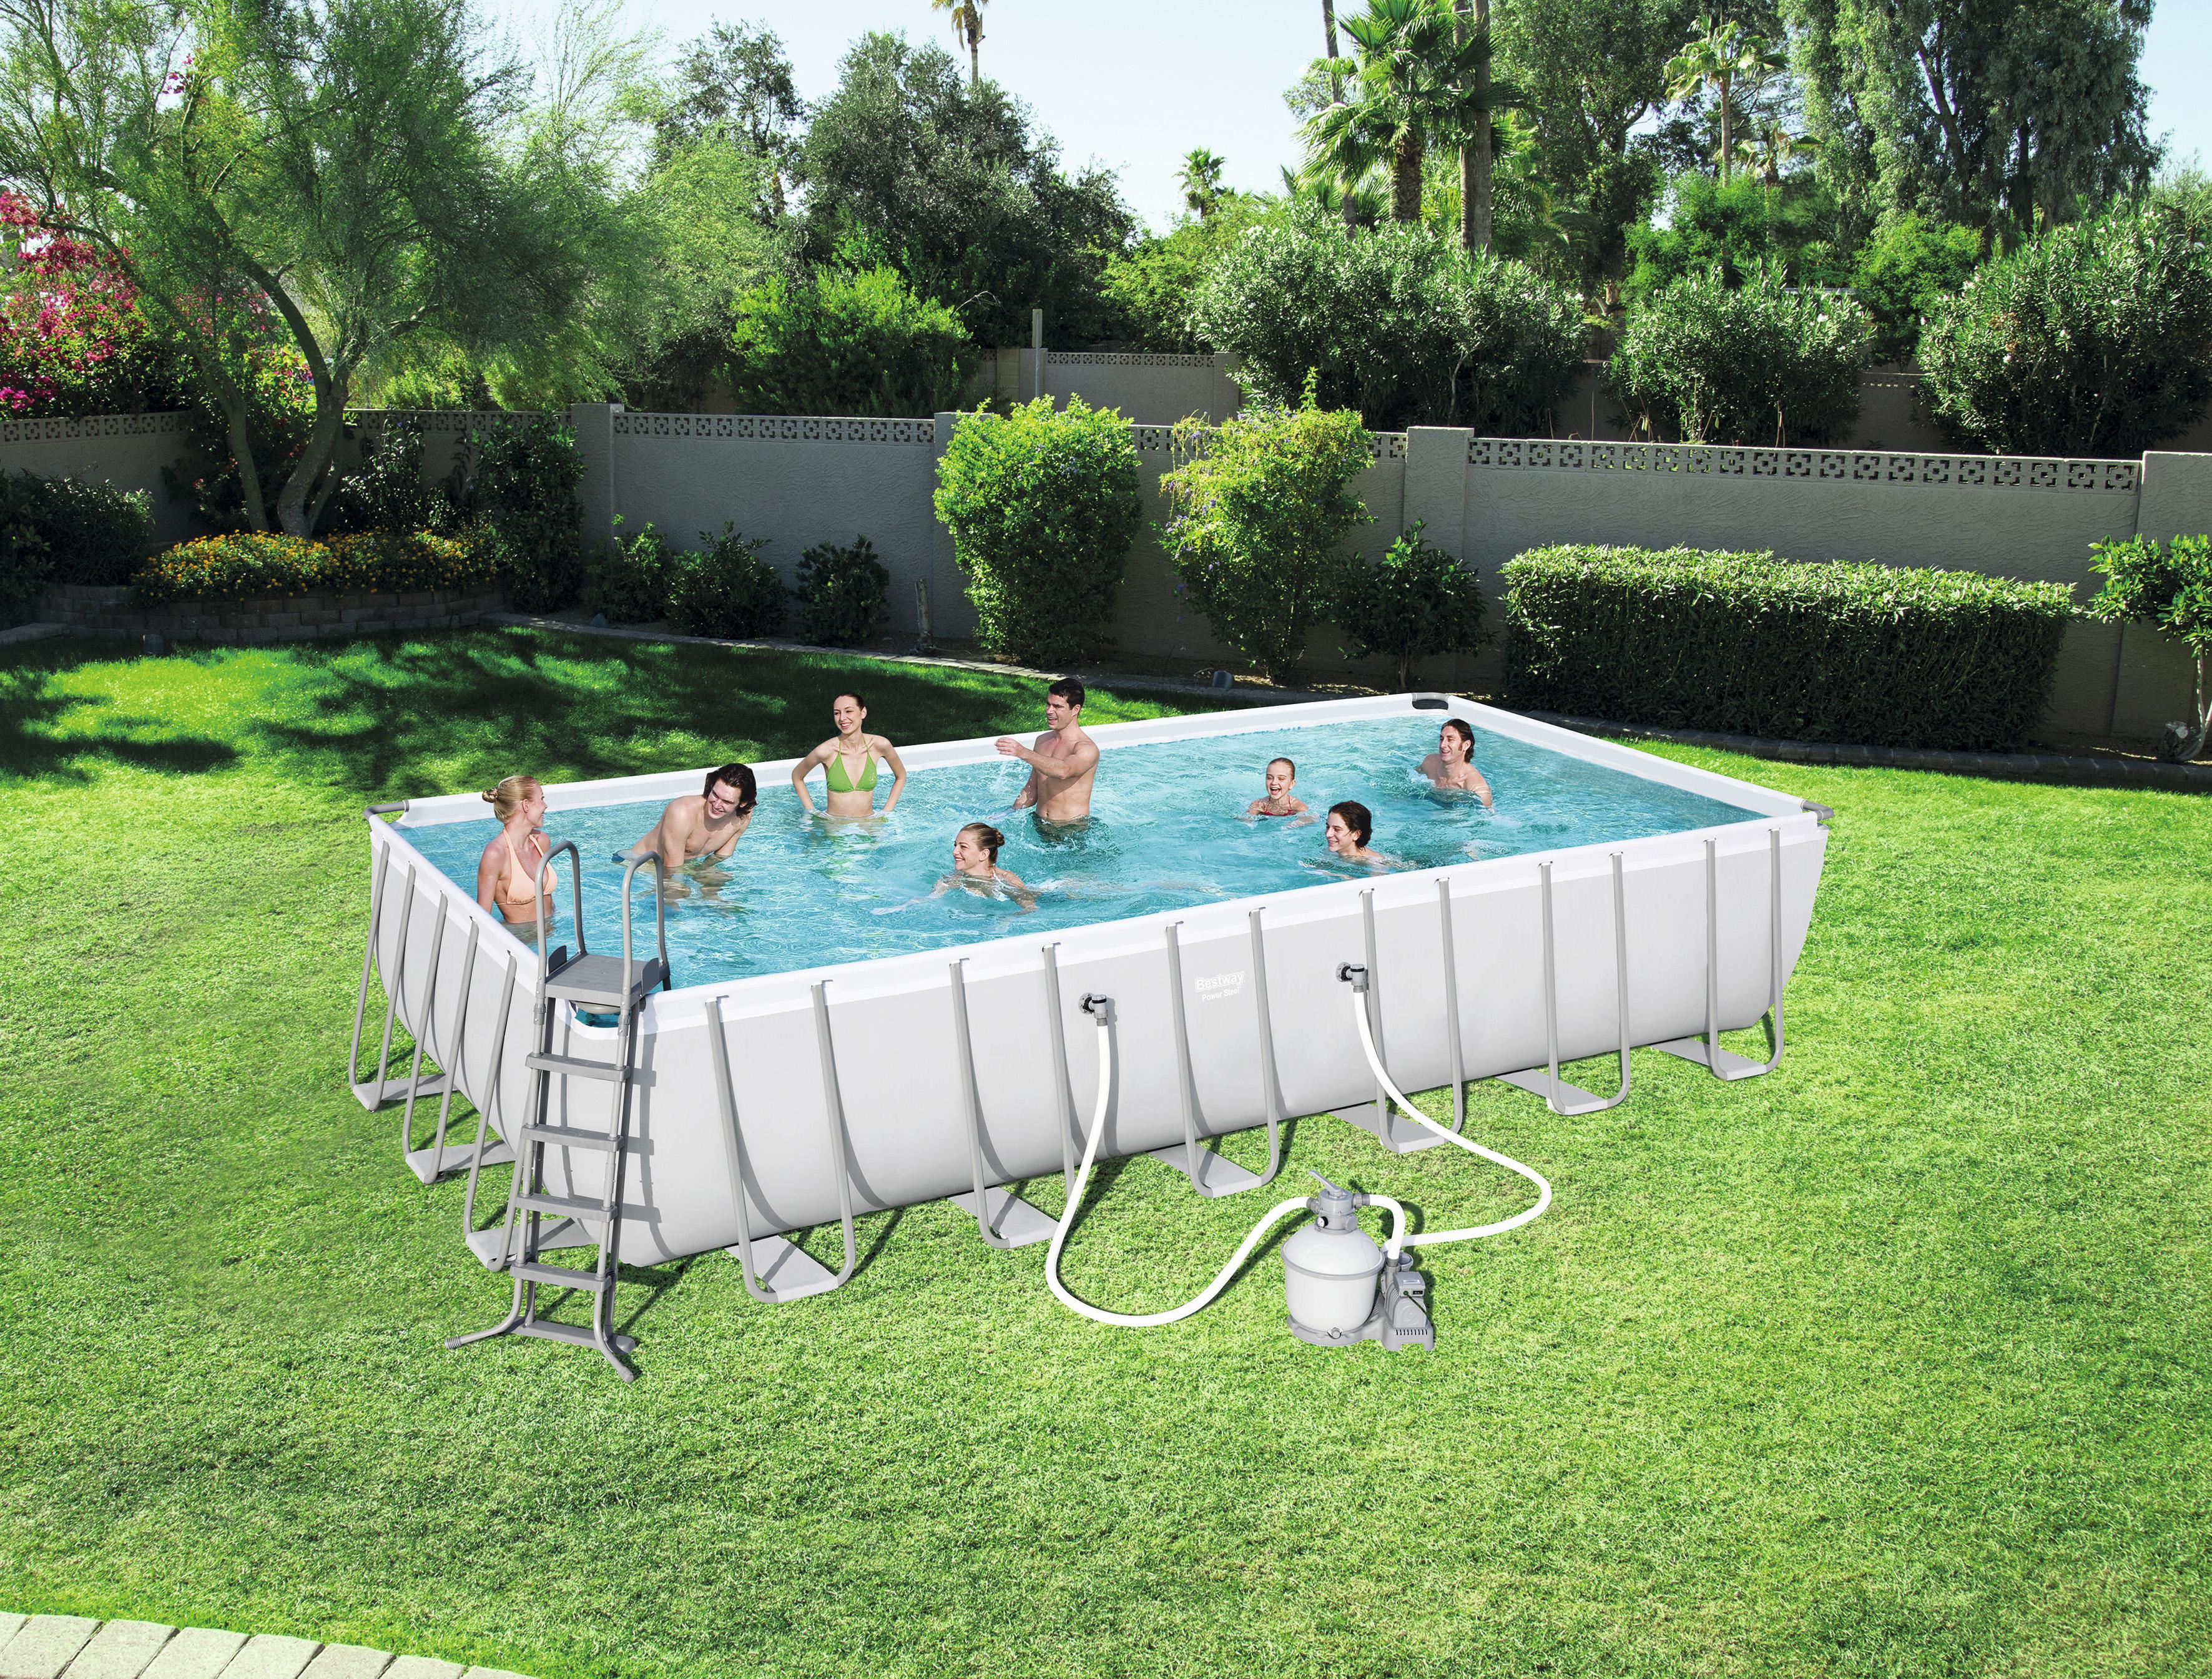 piscine tubulaire rectangulaire bestway 732 x 366 x 132